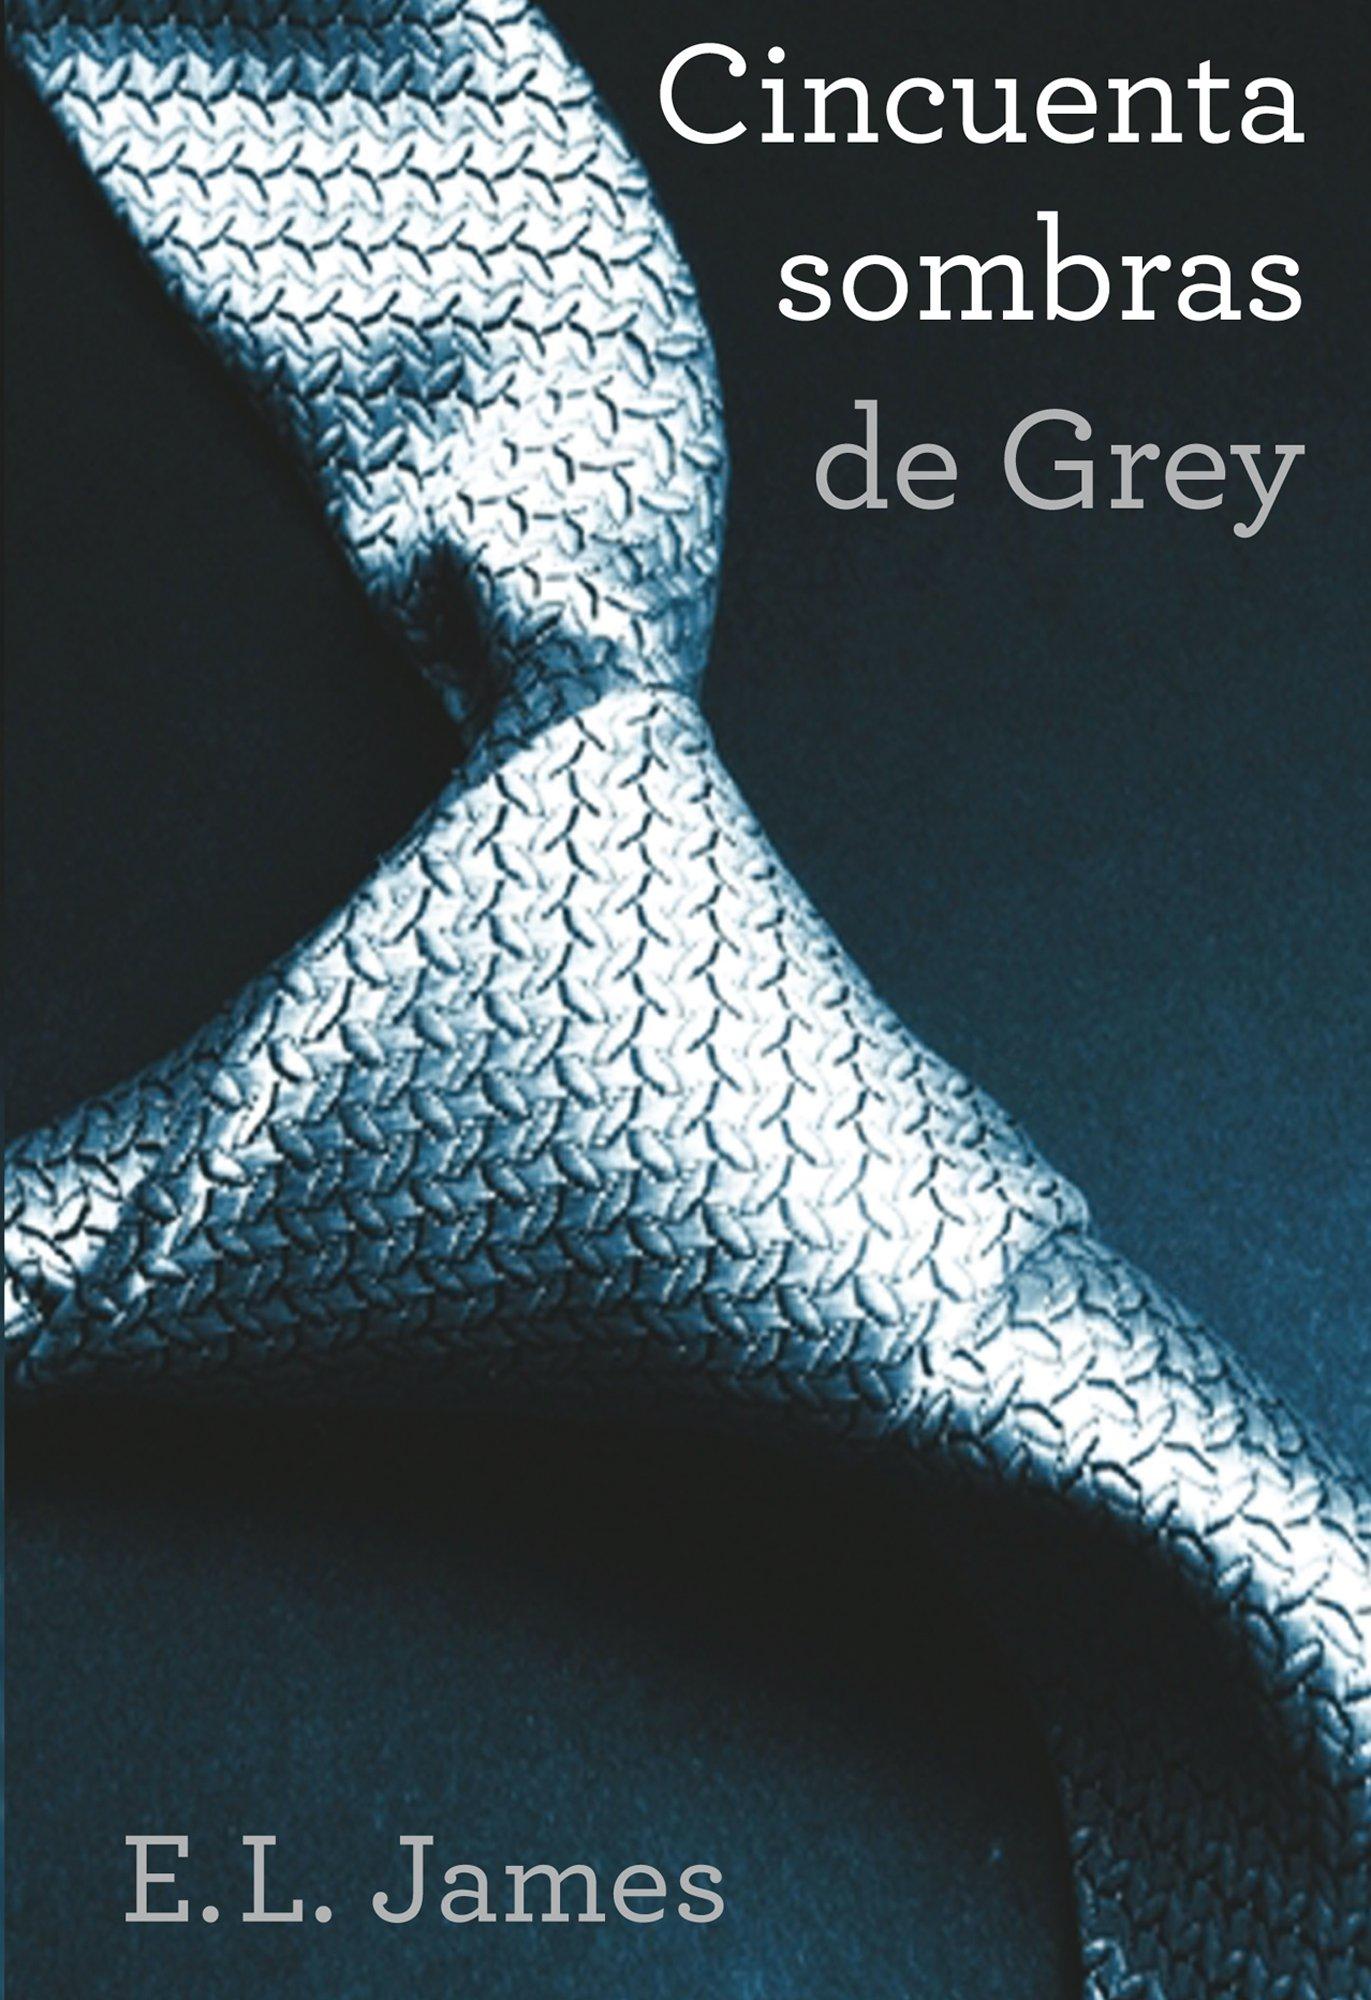 Cincuenta sombras de Grey (Cincuenta sombras 1): E. L. James:  Amazon.com.mx: Libros